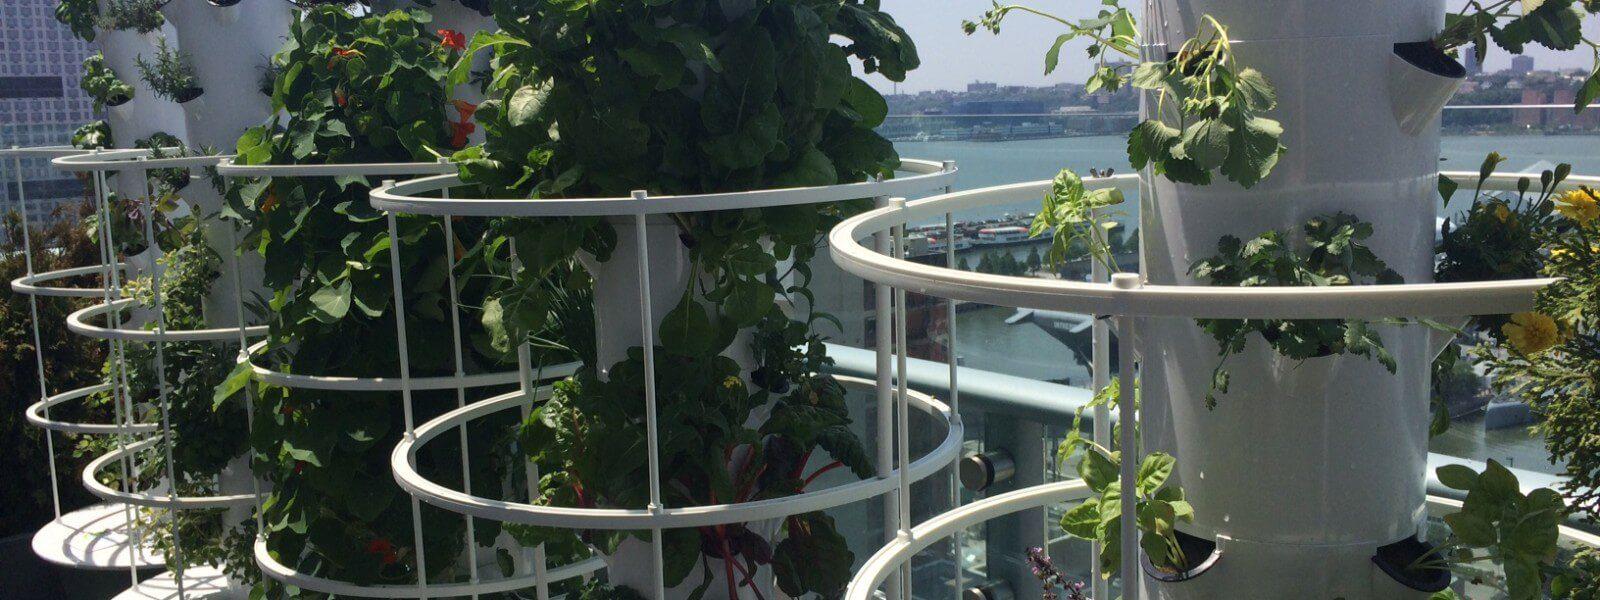 Aeroponic grow towers.